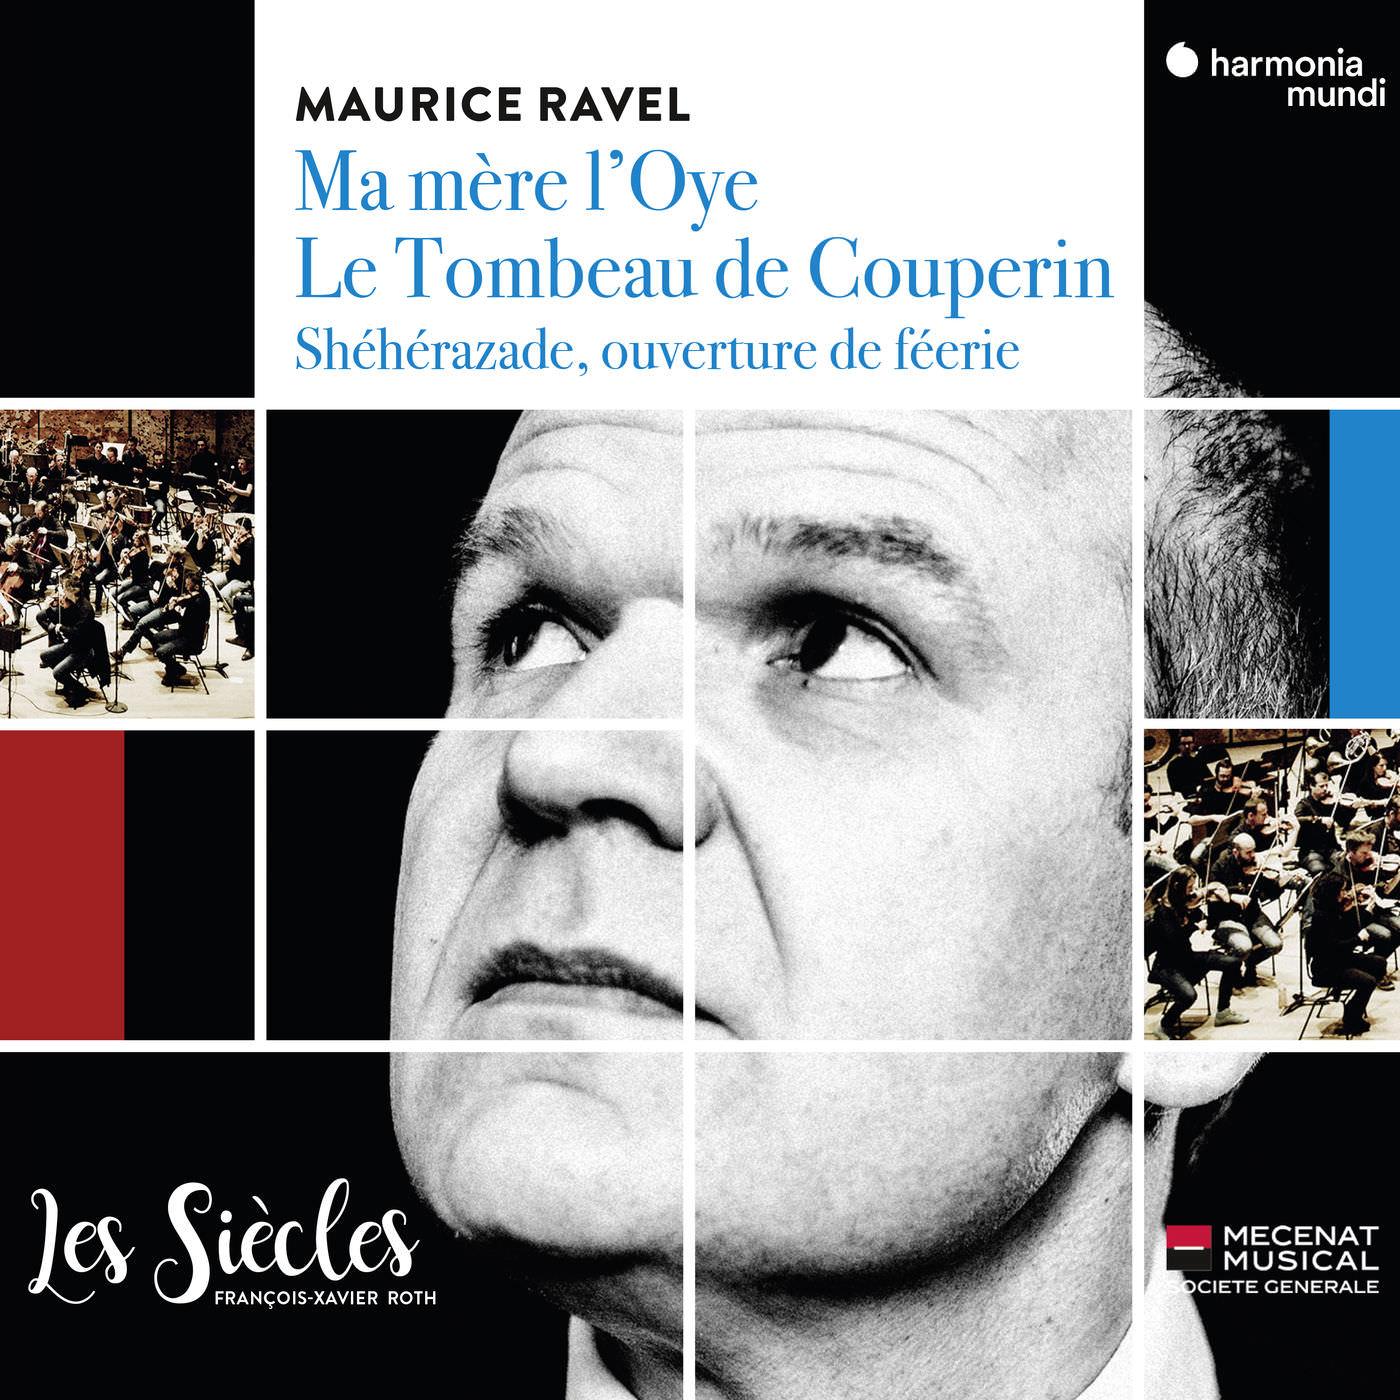 Les Siècles & François-Xavier Roth - Ravel: Ma mère l'Oye, Le tombeau de Couperin & Shéhérazade, ouverture de féerie (2018)